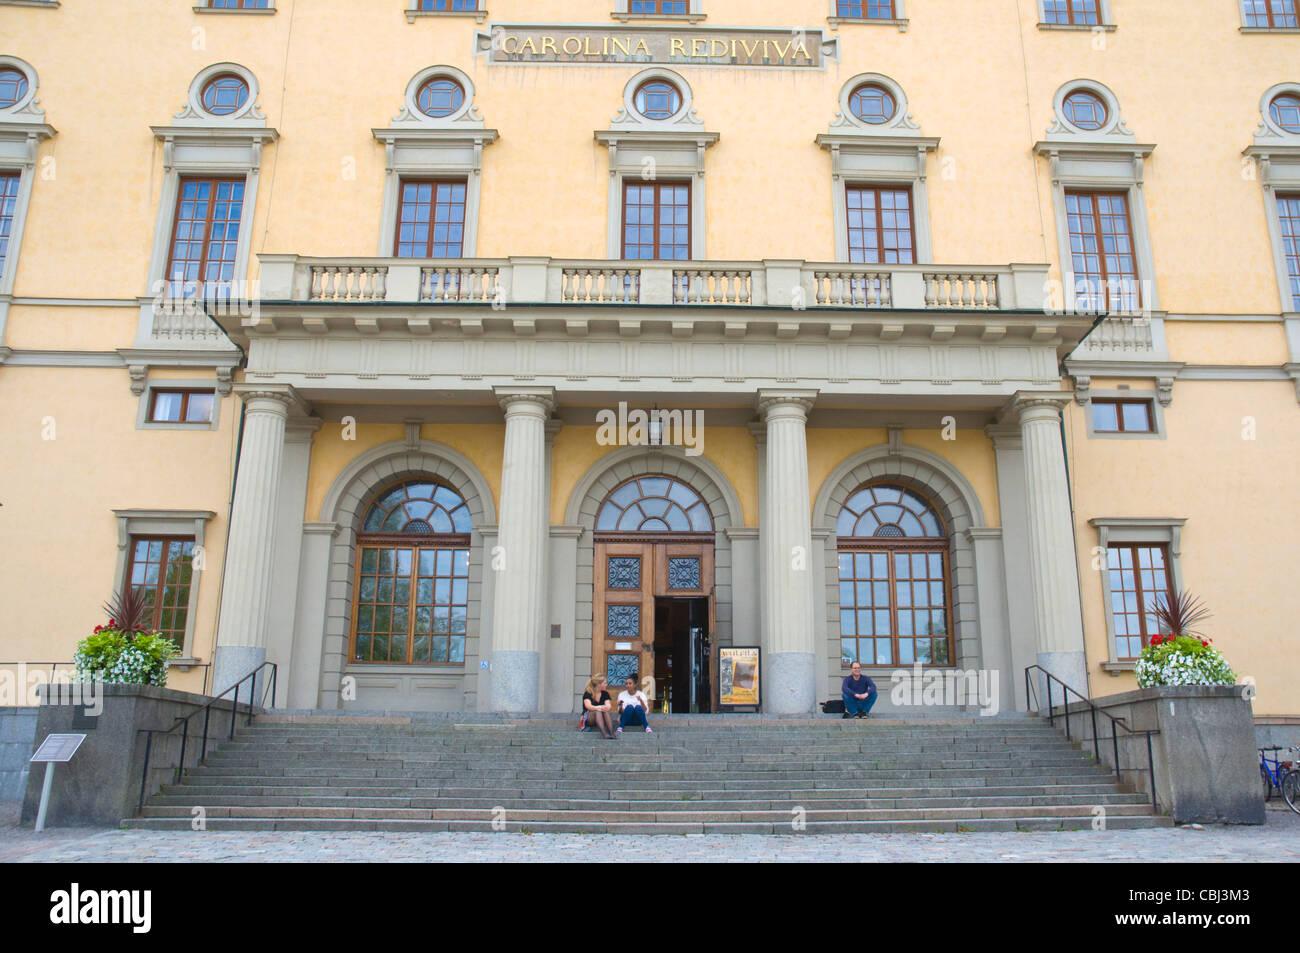 Carolina Rediviva (1841) l'extérieur de la bibliothèque de l'Université Uppsala ville province Svealand Suède Europe Banque D'Images